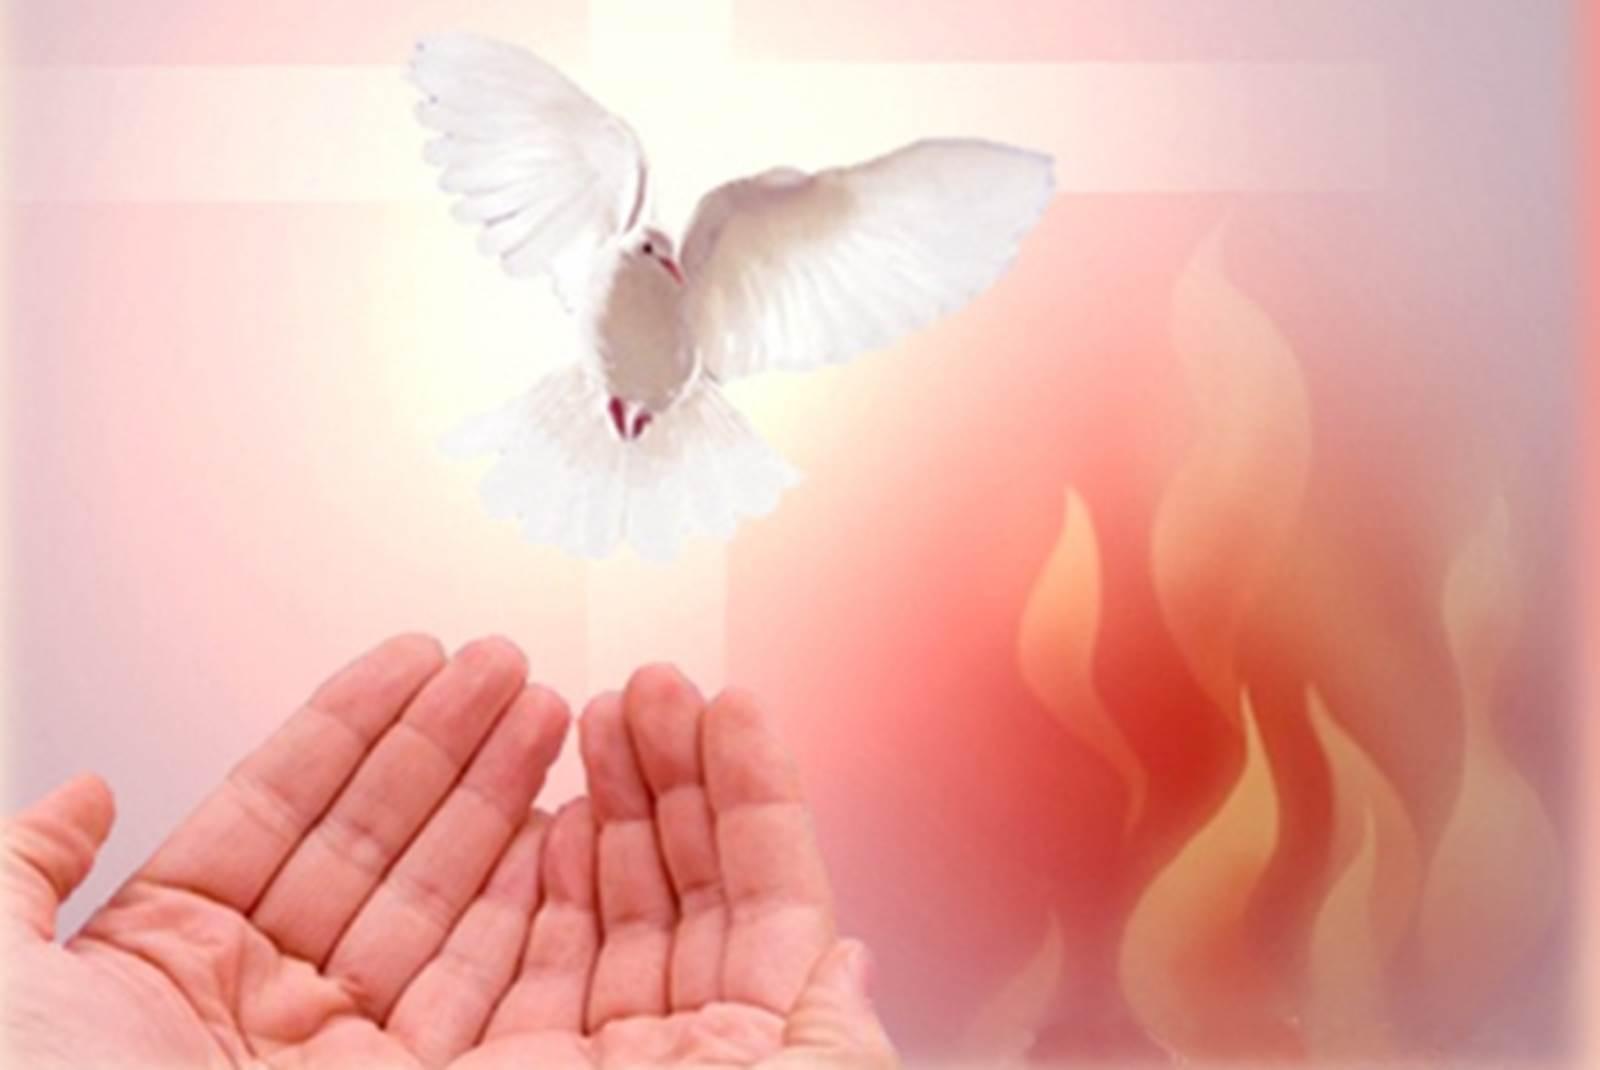 Hãy nhận lấy Thánh Thần (31.5.2020 – Chúa Nhật, Lễ Chúa Thánh Thần hiện xuống)